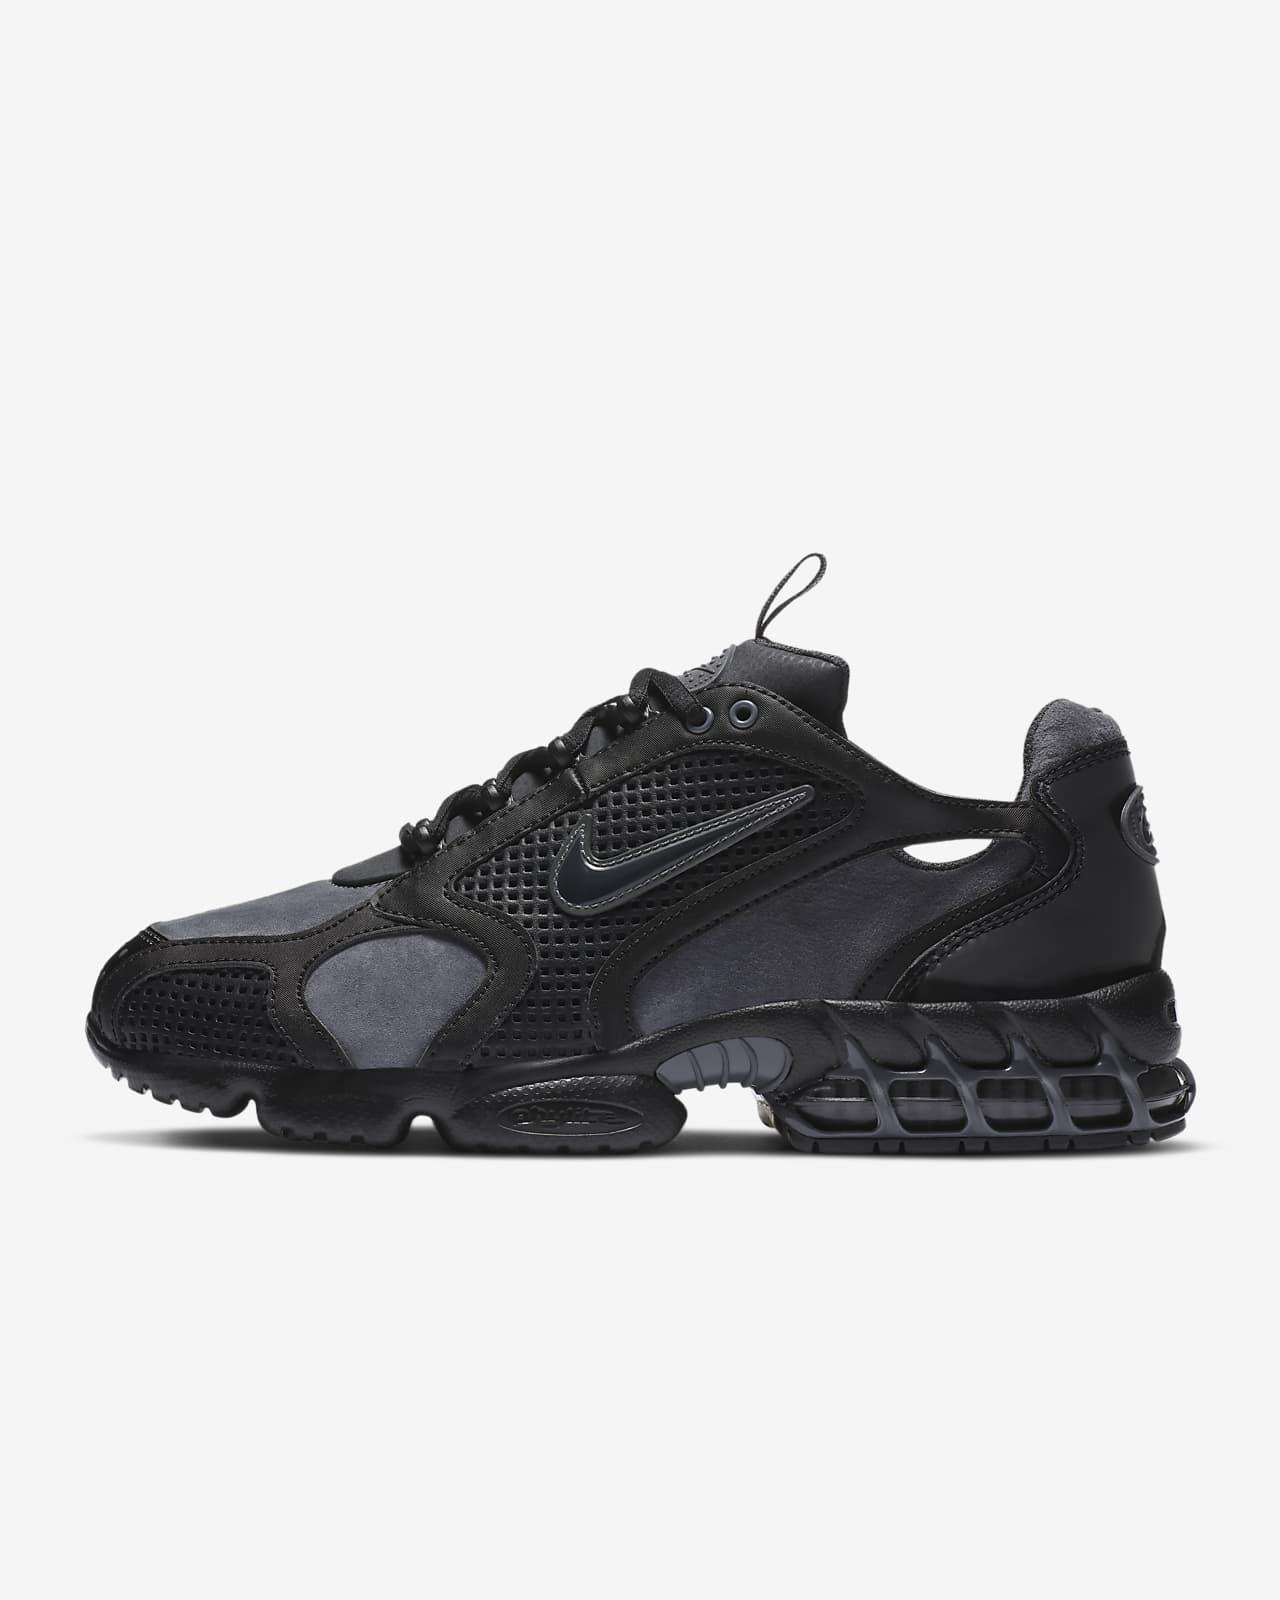 Nike Air Zoom Spiridon Cage 2 SE Men's Shoe